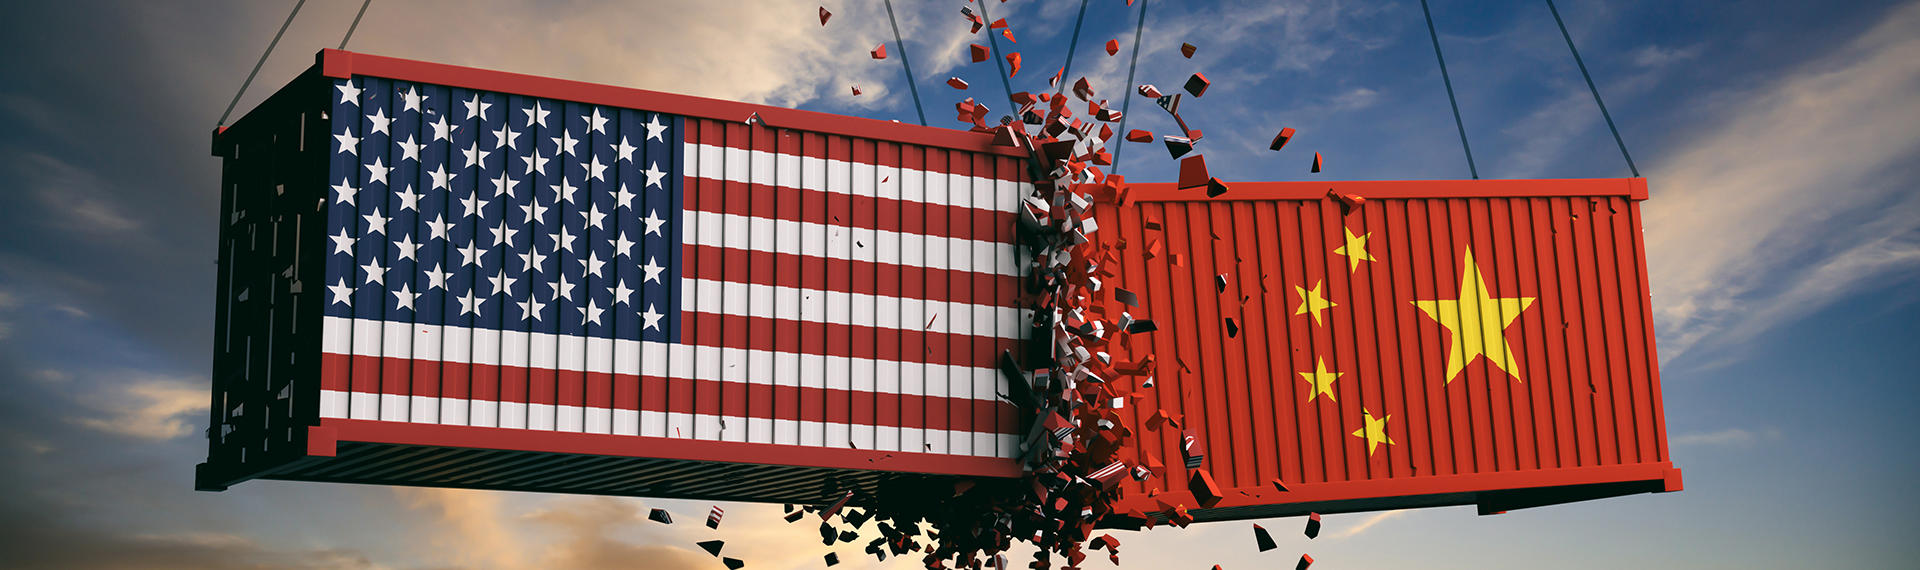 Tarifs douaniers : une guerre insidieuse aux effets néfastes